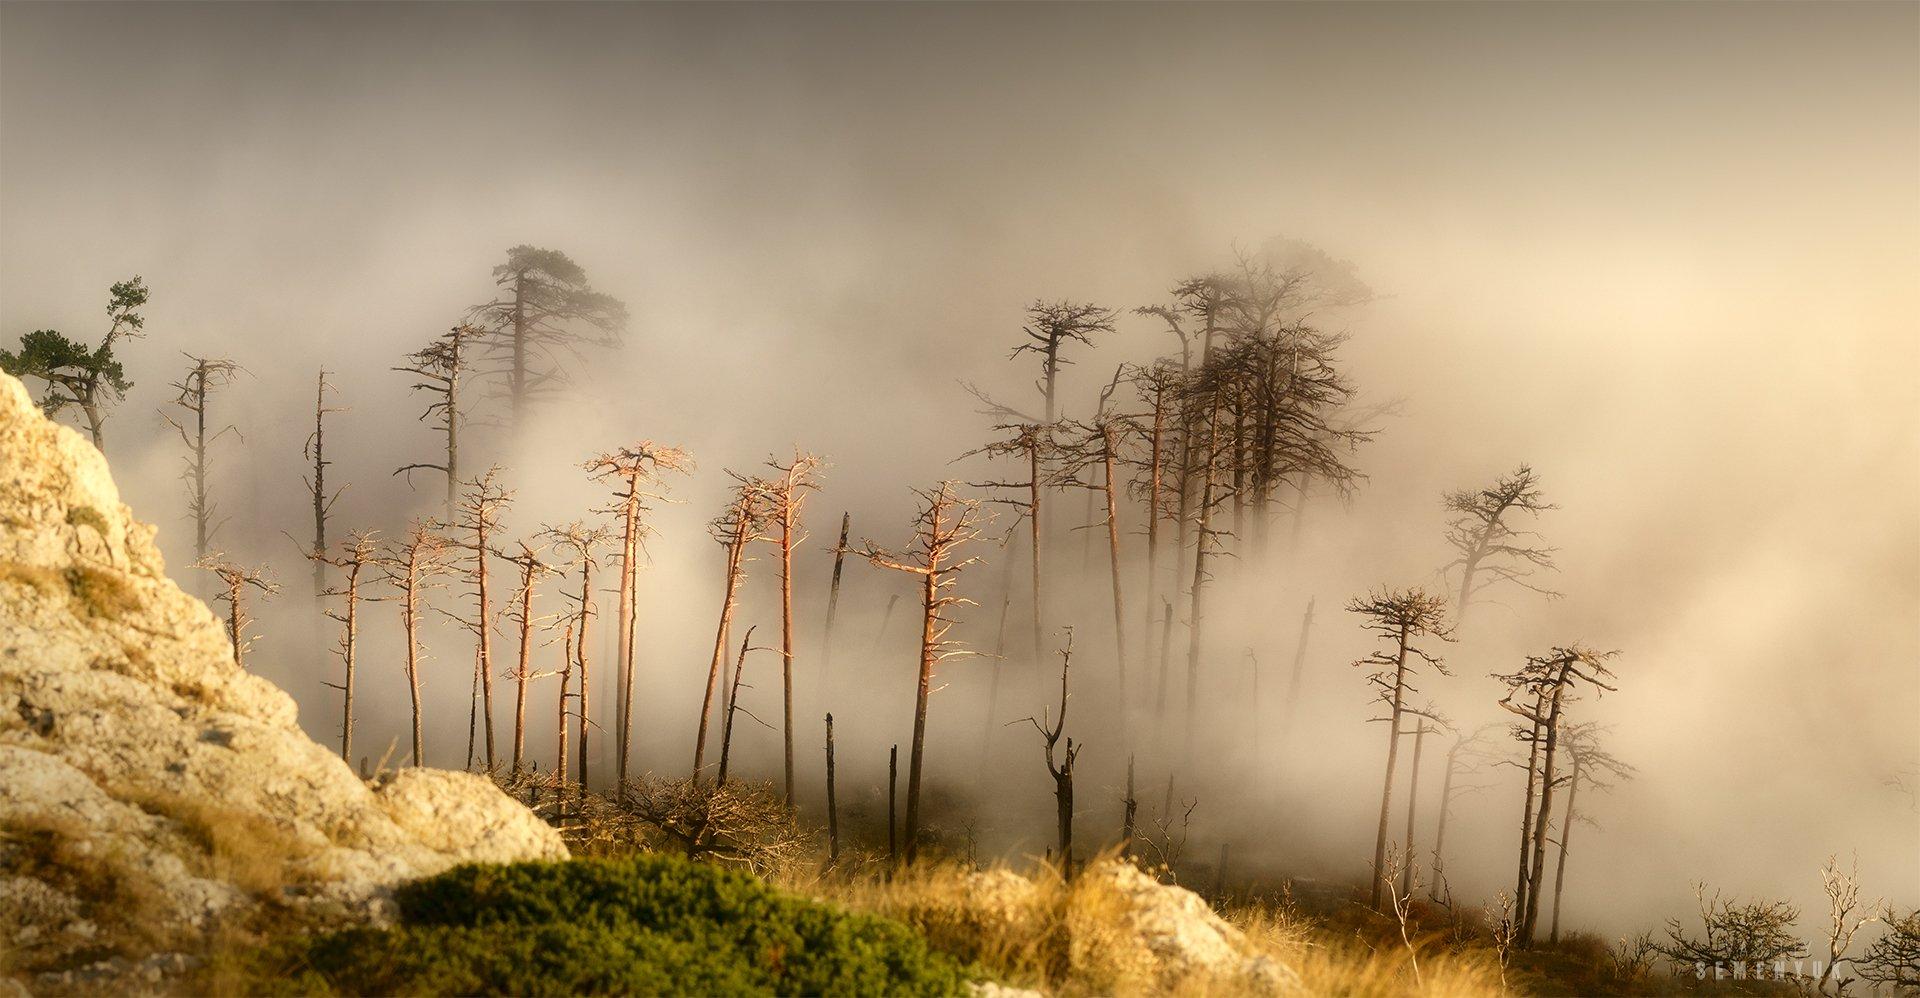 крым, горы, туман, облака, сосны, осень, никитская яйла, природа, пейзаж, mountain, fog, myst, clouds, pine trees, landscape., Семенюк Василий